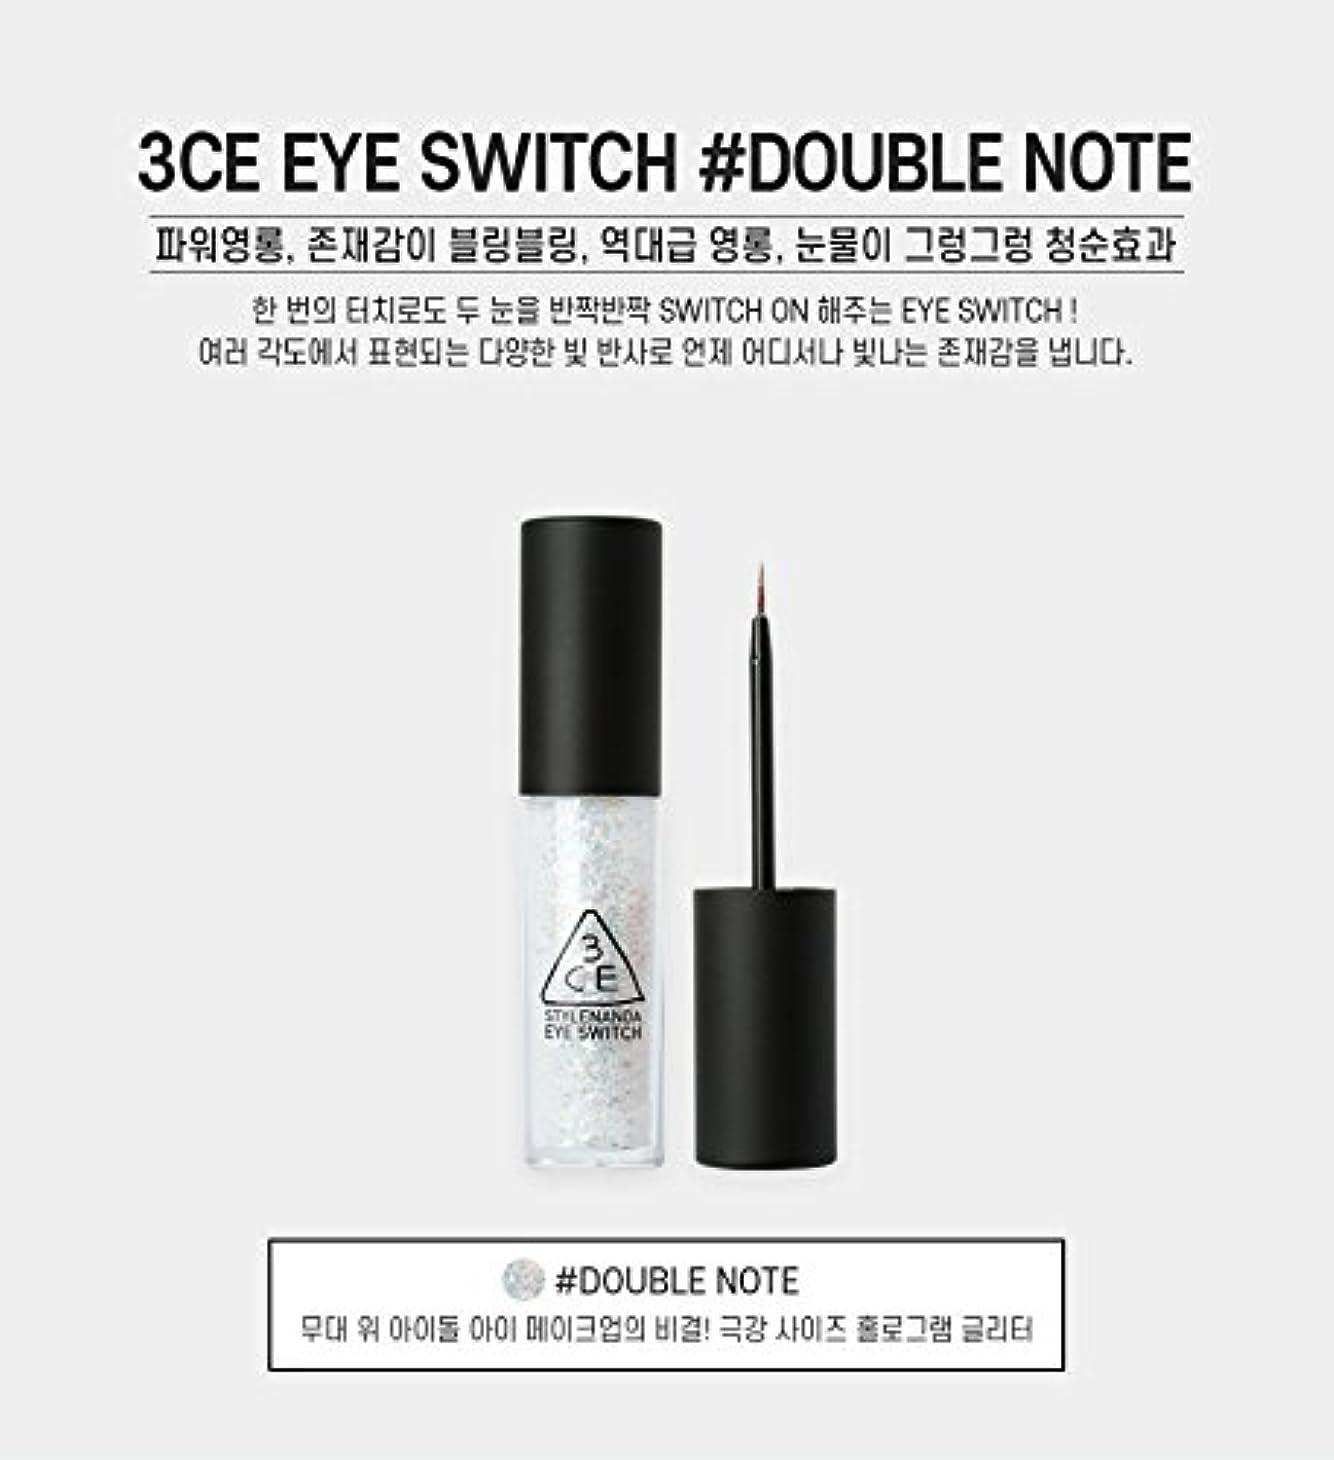 できたバウンドチョップ3CE アイスイッチ アイシャドウ Eye Switch 4.5g アイシャドウ グリッター パール キラキラ 韓国コスメ3ceコスメ 3ce化粧品 3ceマスカラ 韓国 (DOUBLENOTE)